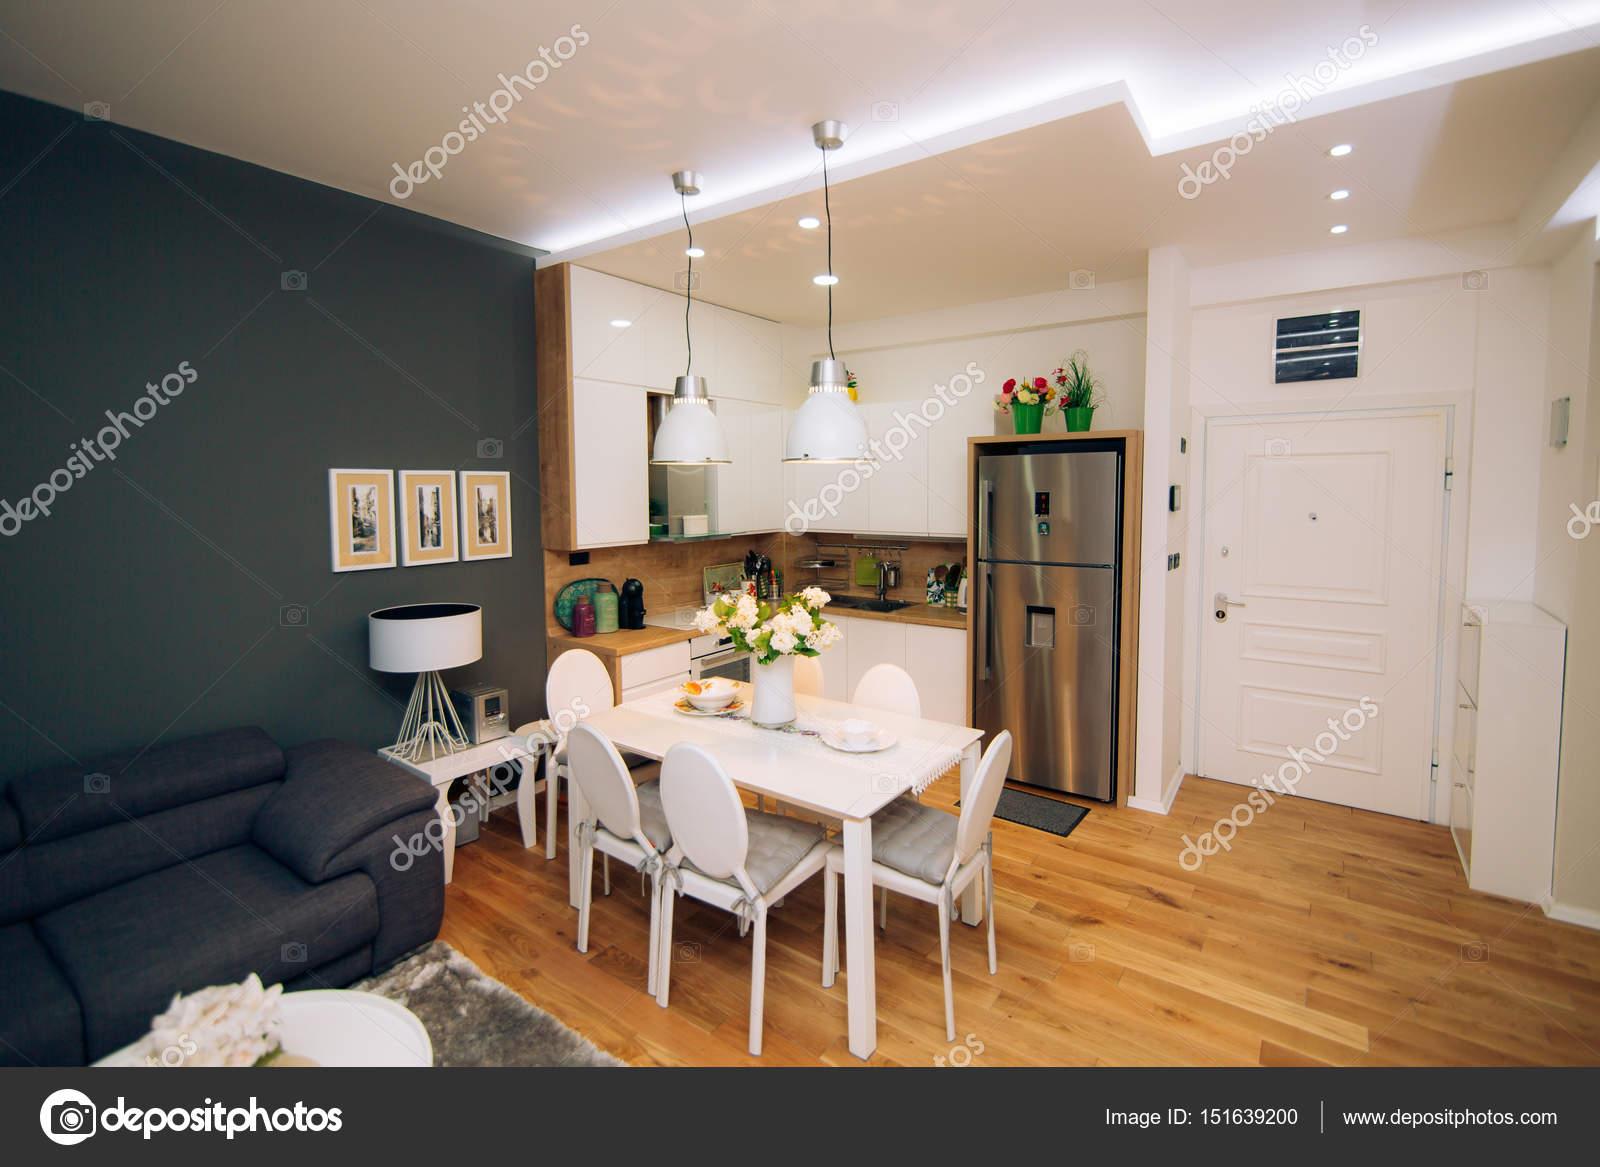 Eettafel In Woonkamer : De eettafel in het appartement. tabel voor de lunch in de woonkamer